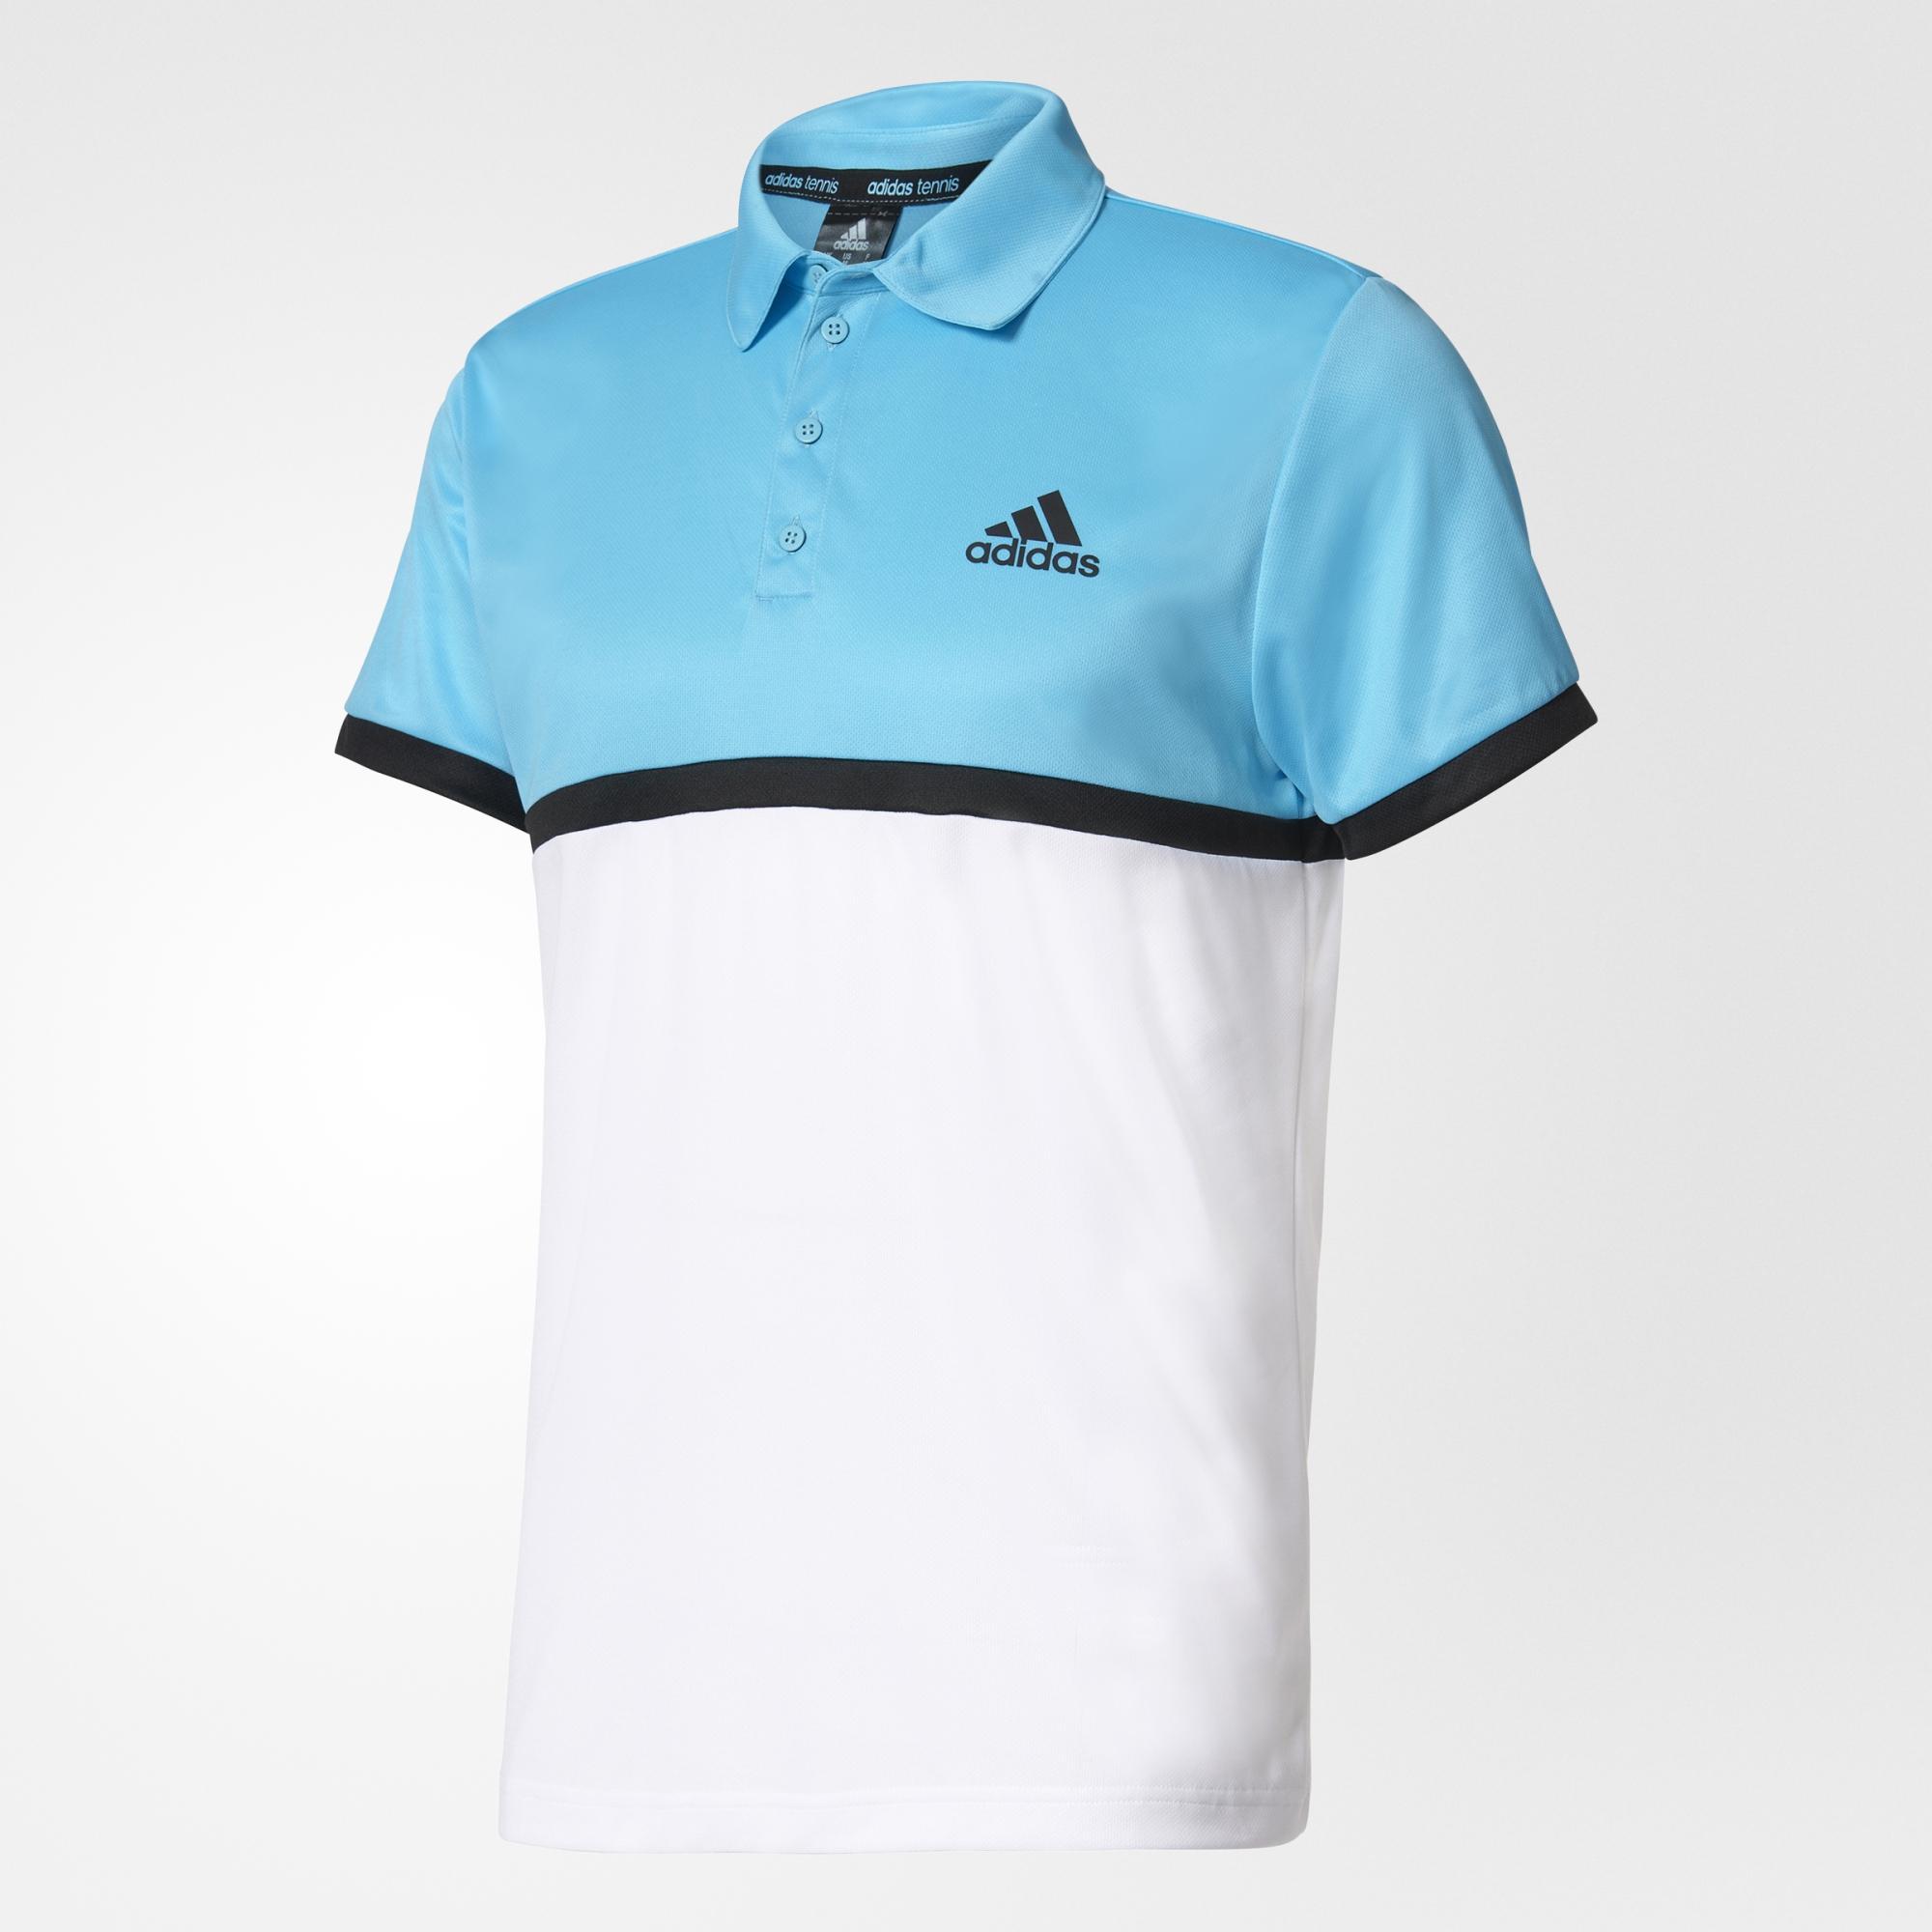 de21485c Adidas Mens Court Polo - Samba Blue - Tennisnuts.com